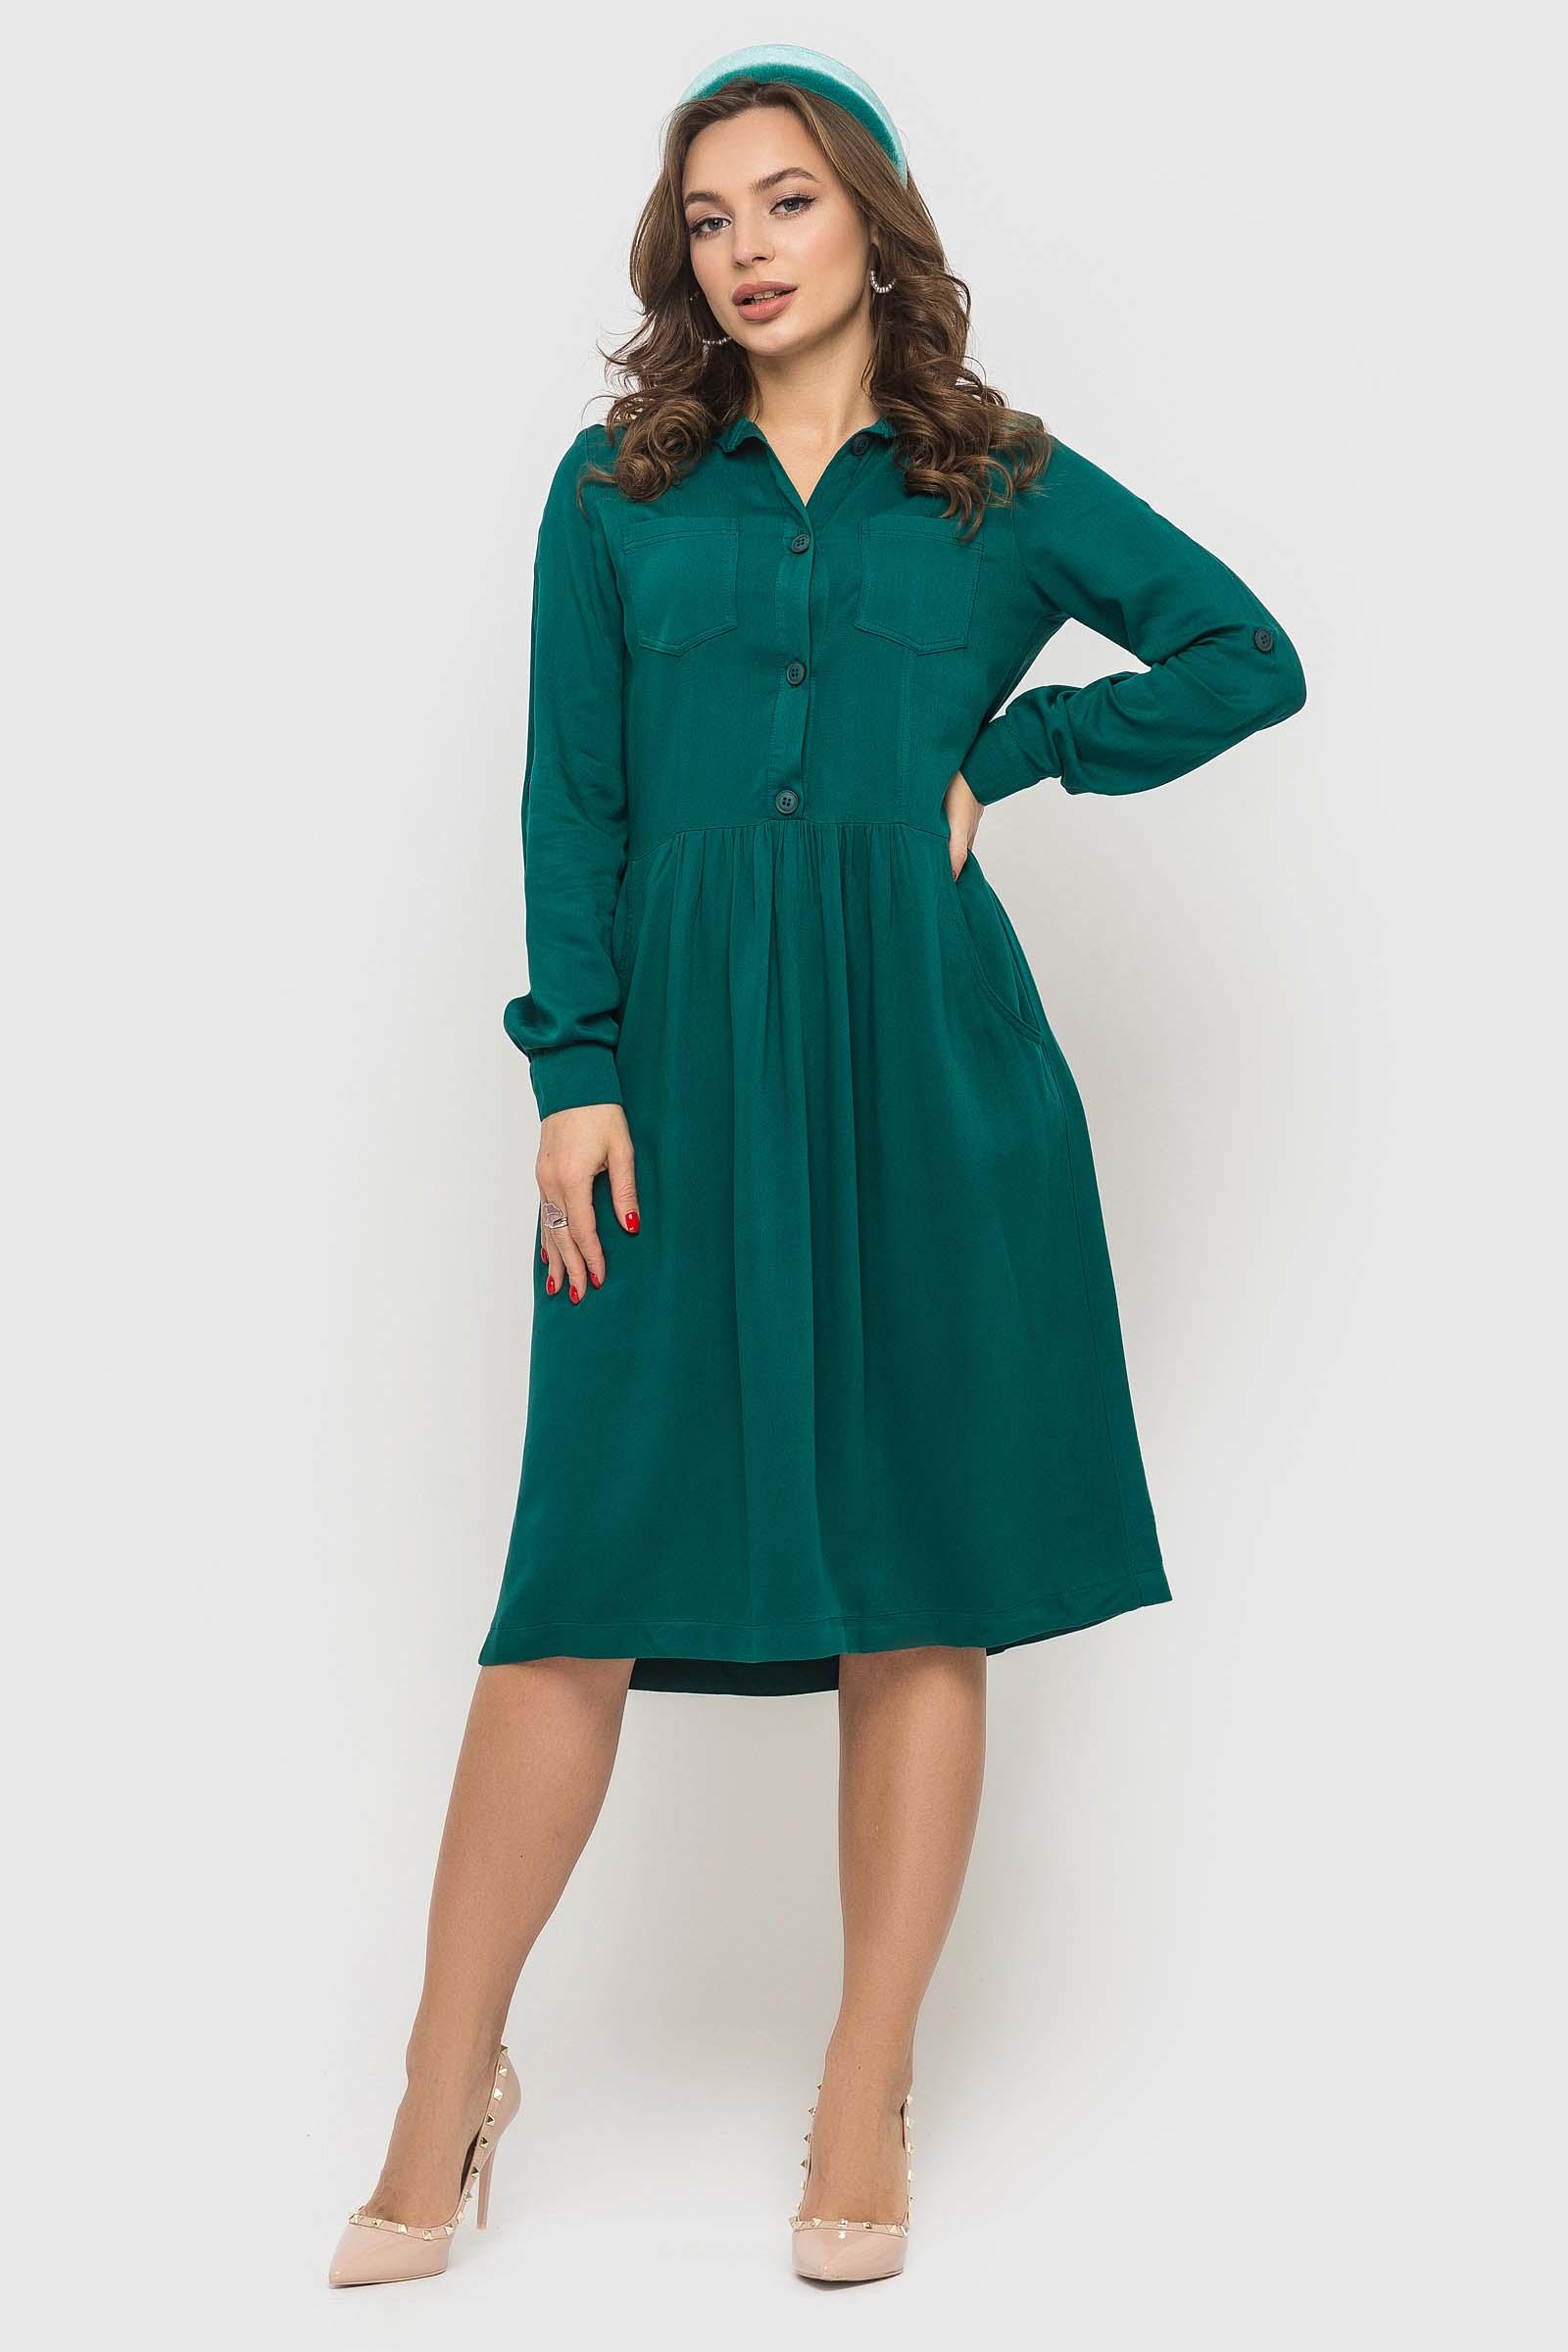 be art 2020 04 07182569 Купить платье